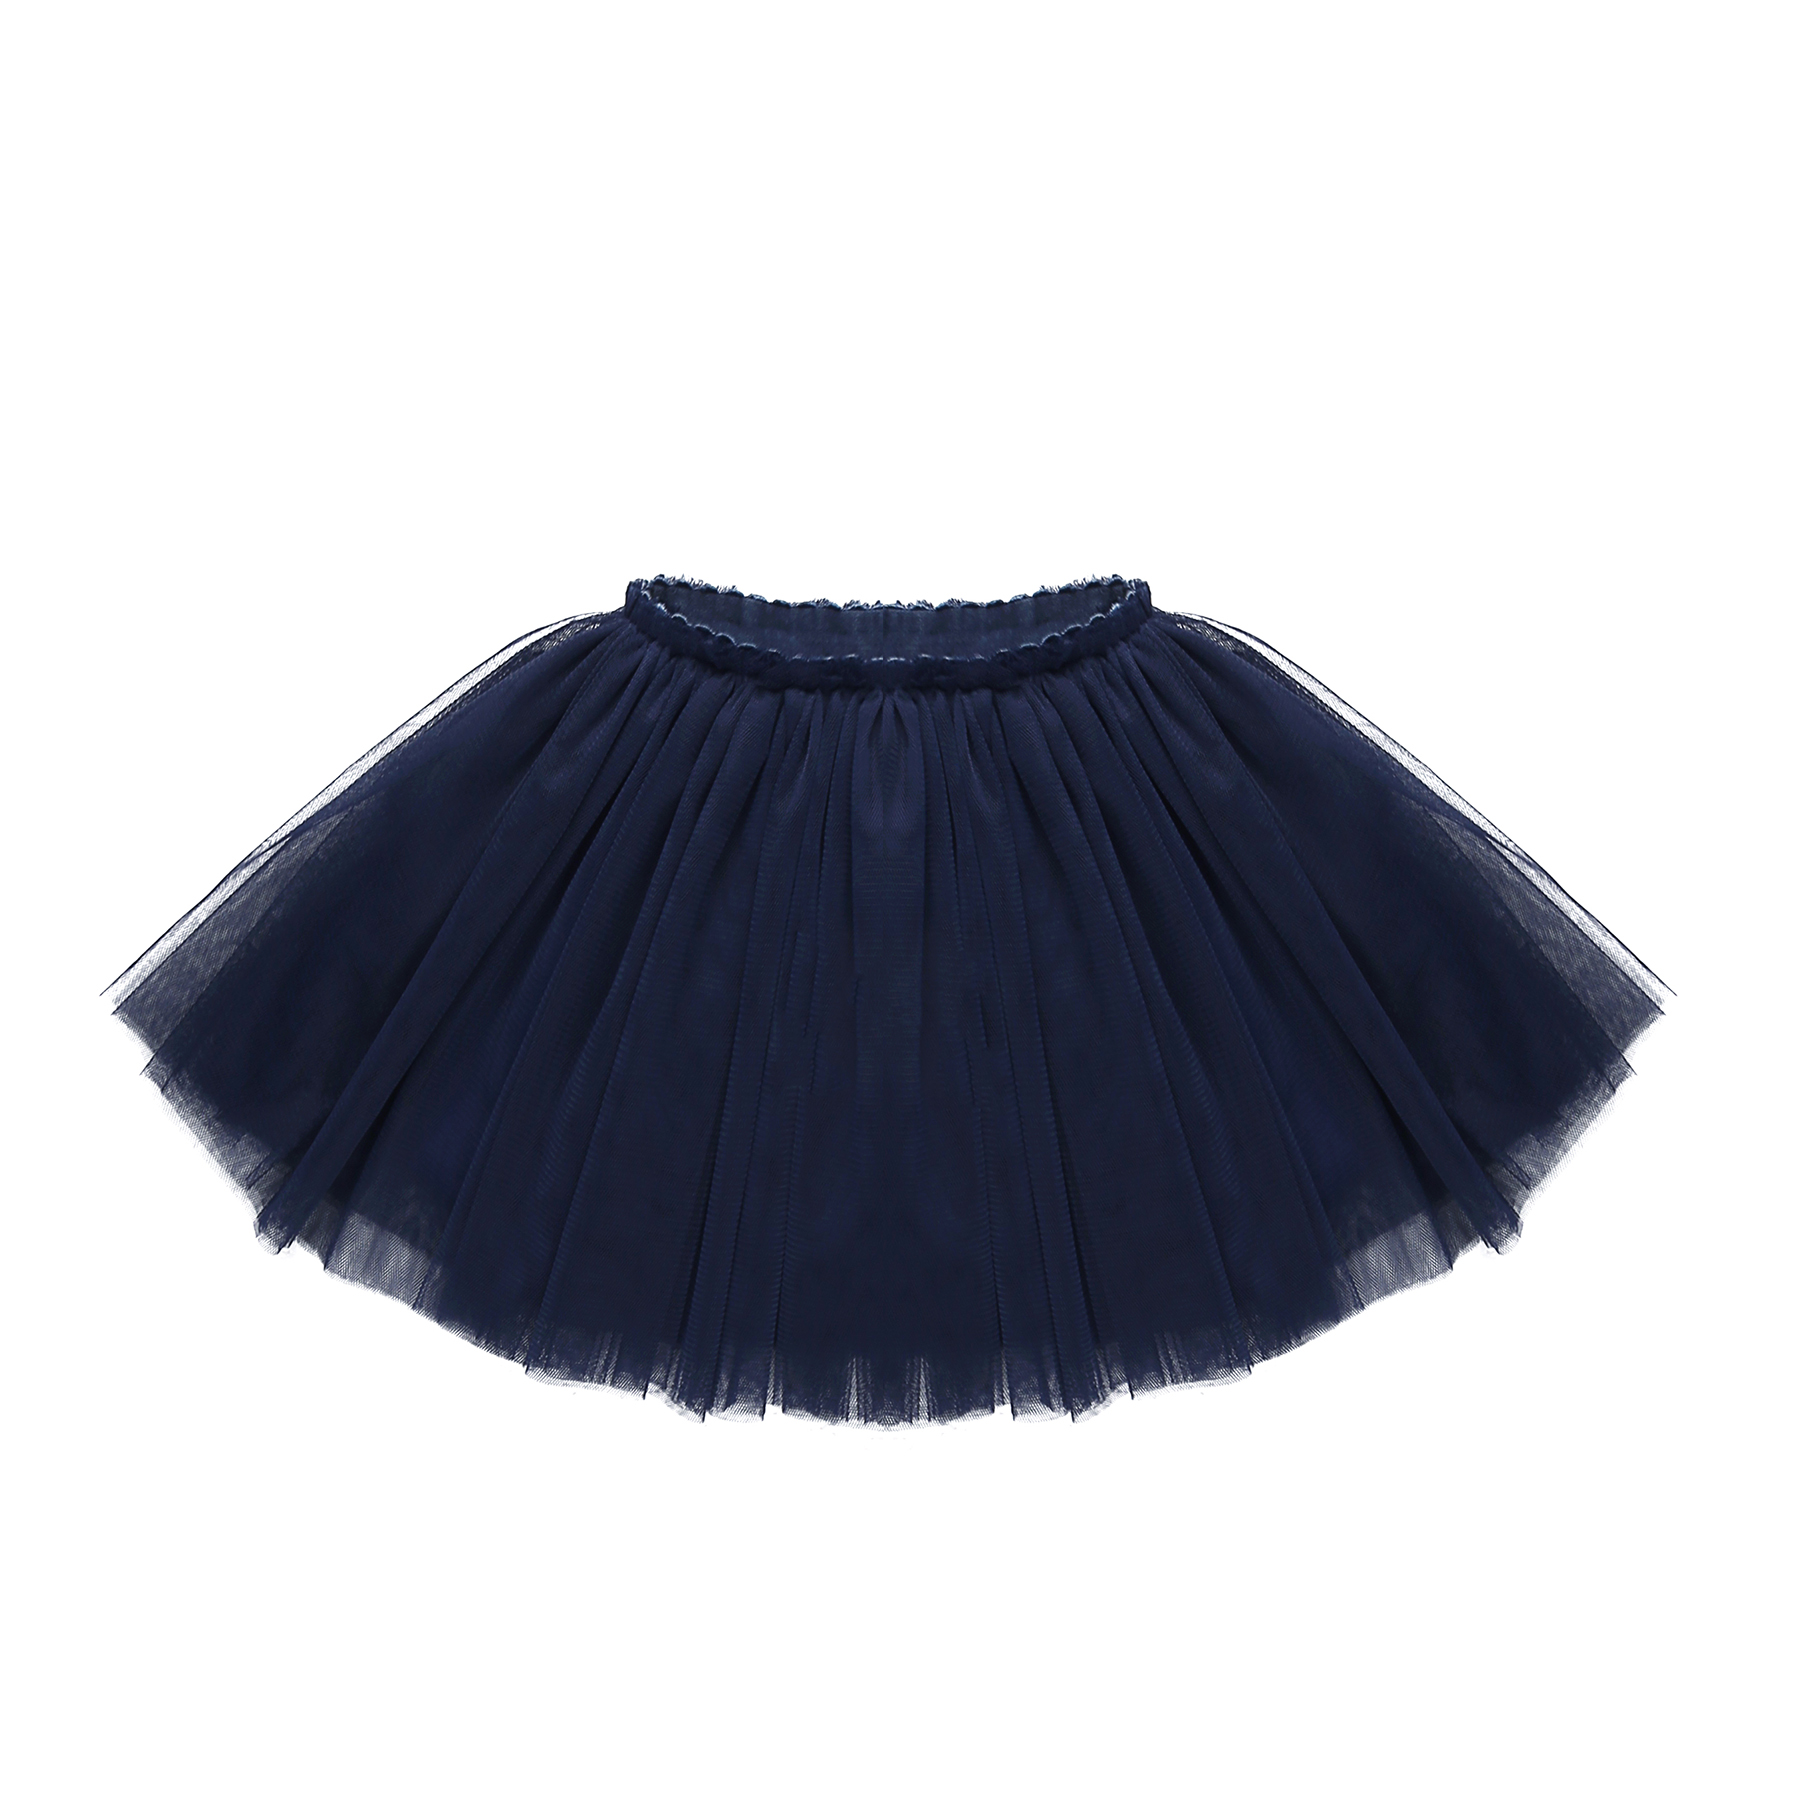 女宝宝短裙秋冬款1-3岁婴儿裙百褶蓬蓬儿童公主裙4-9岁舞蹈半身裙